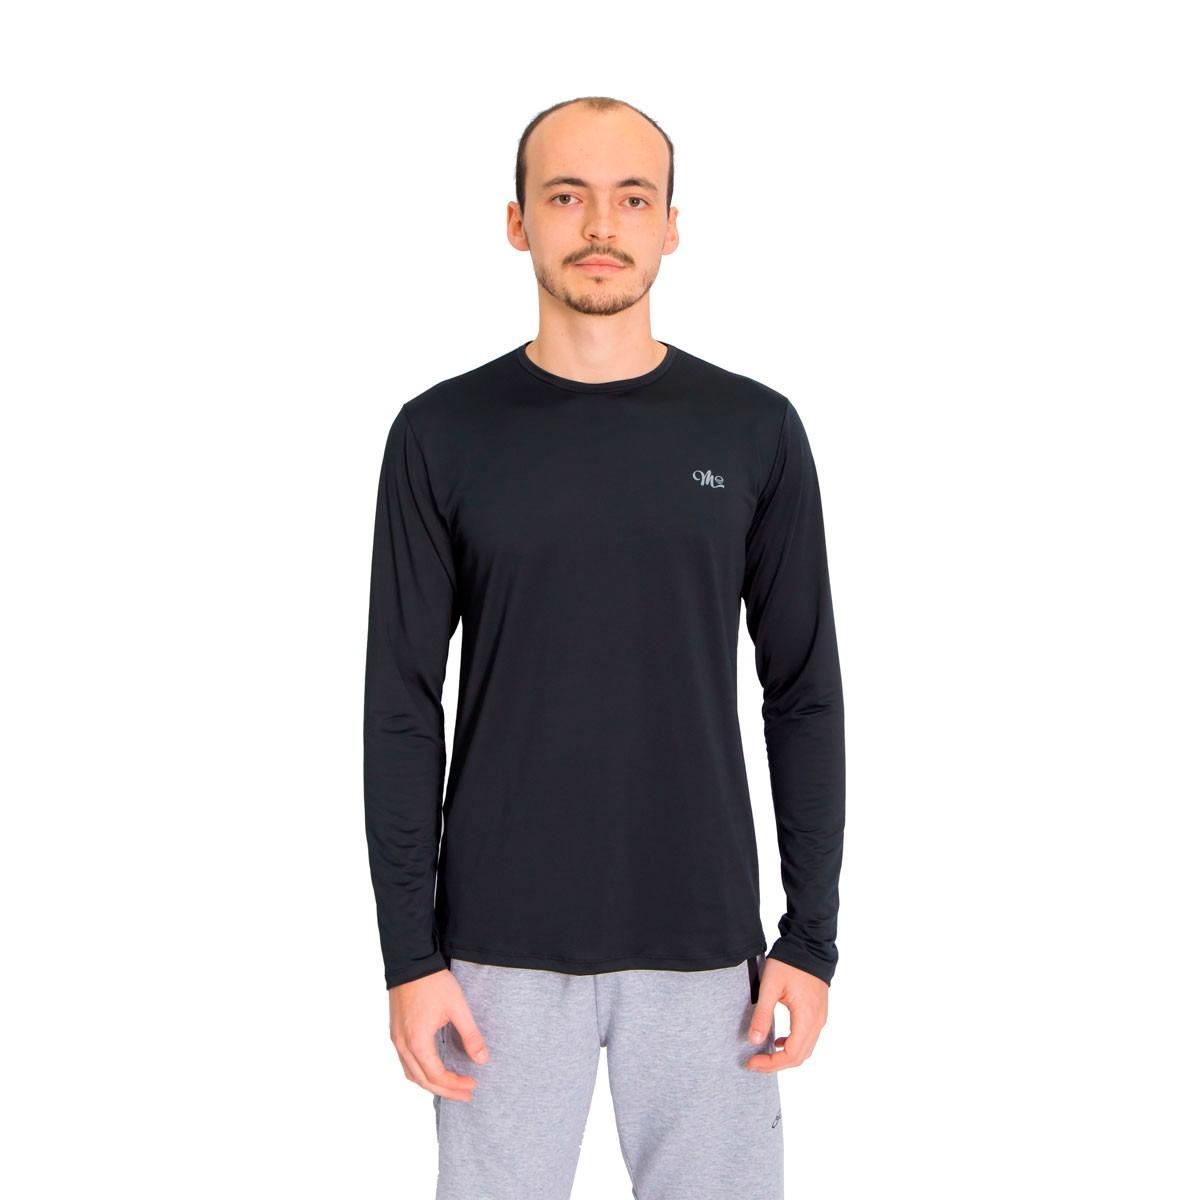 camiseta proteção solar uv dry manga longa masculina. Carregando zoom. c59c88613d2c6